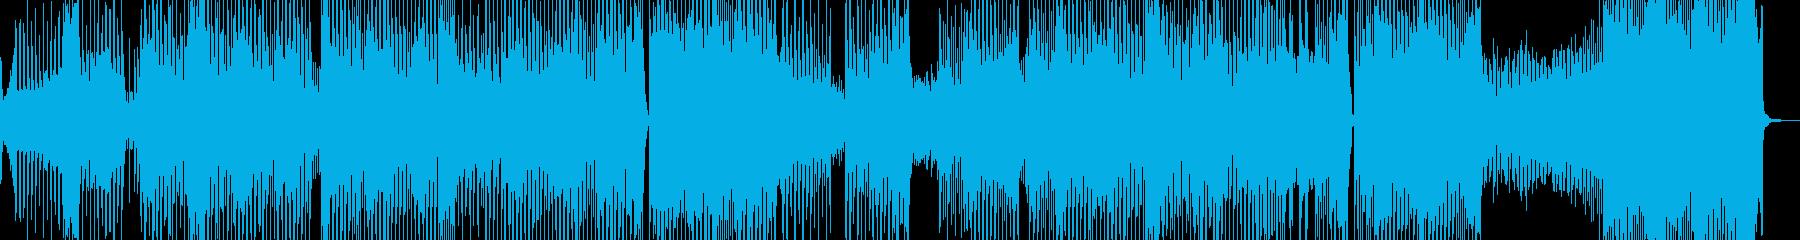 メタボ解消!コミカルテクノ 並足・L2の再生済みの波形